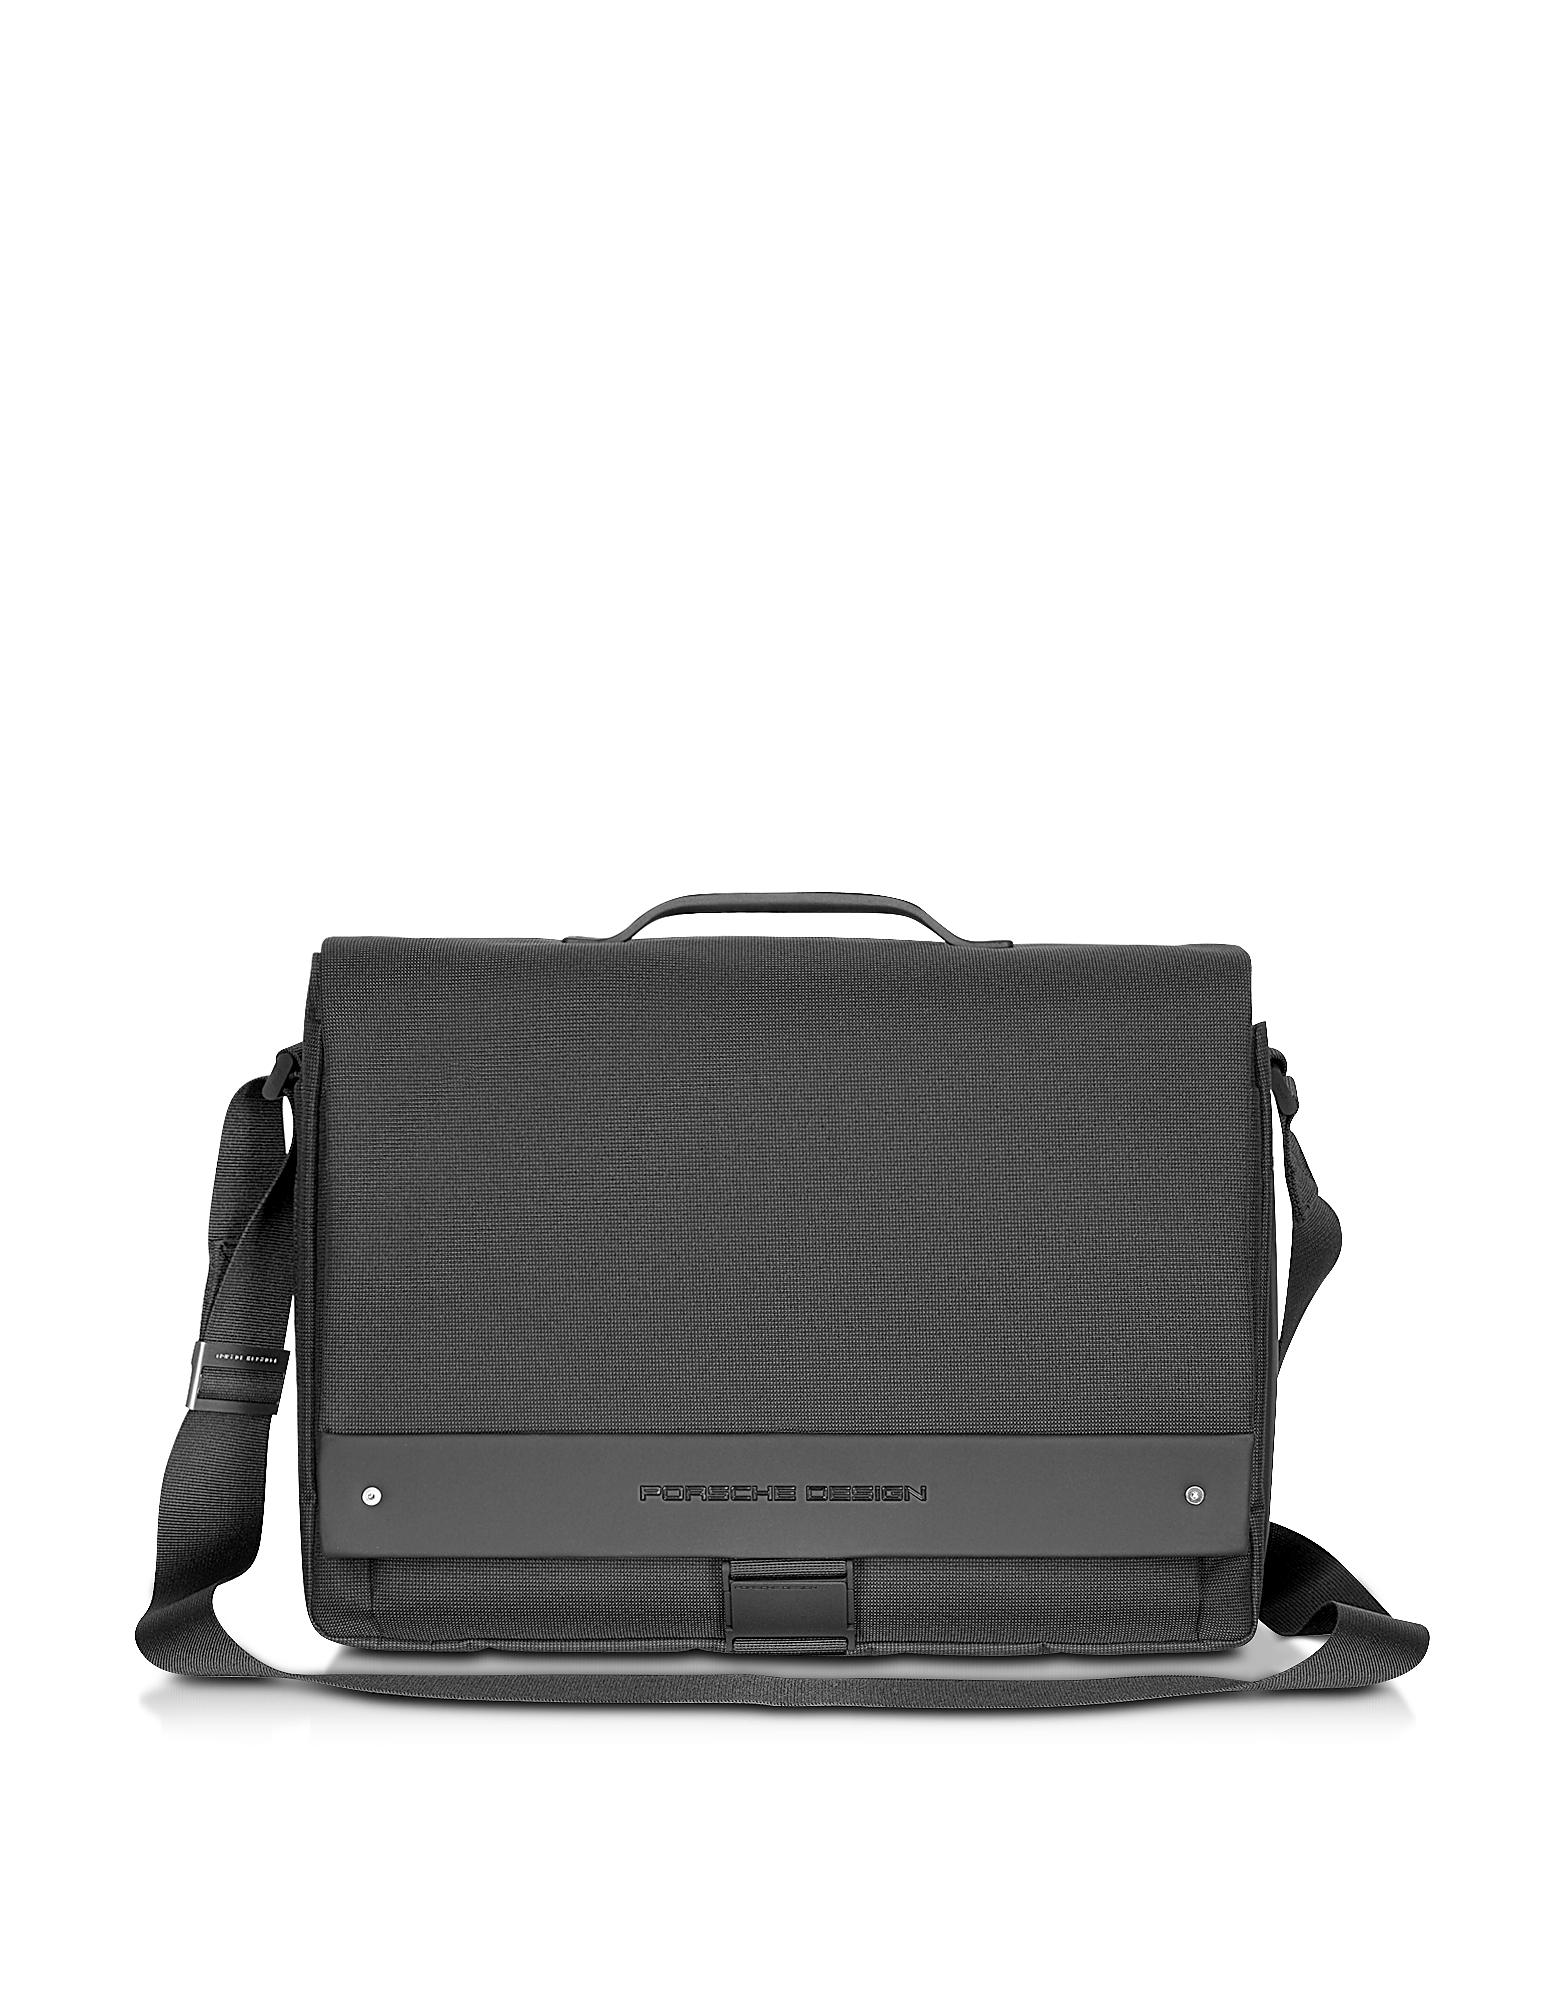 Messenger Porta PC in Tessuto Grigio Atracite